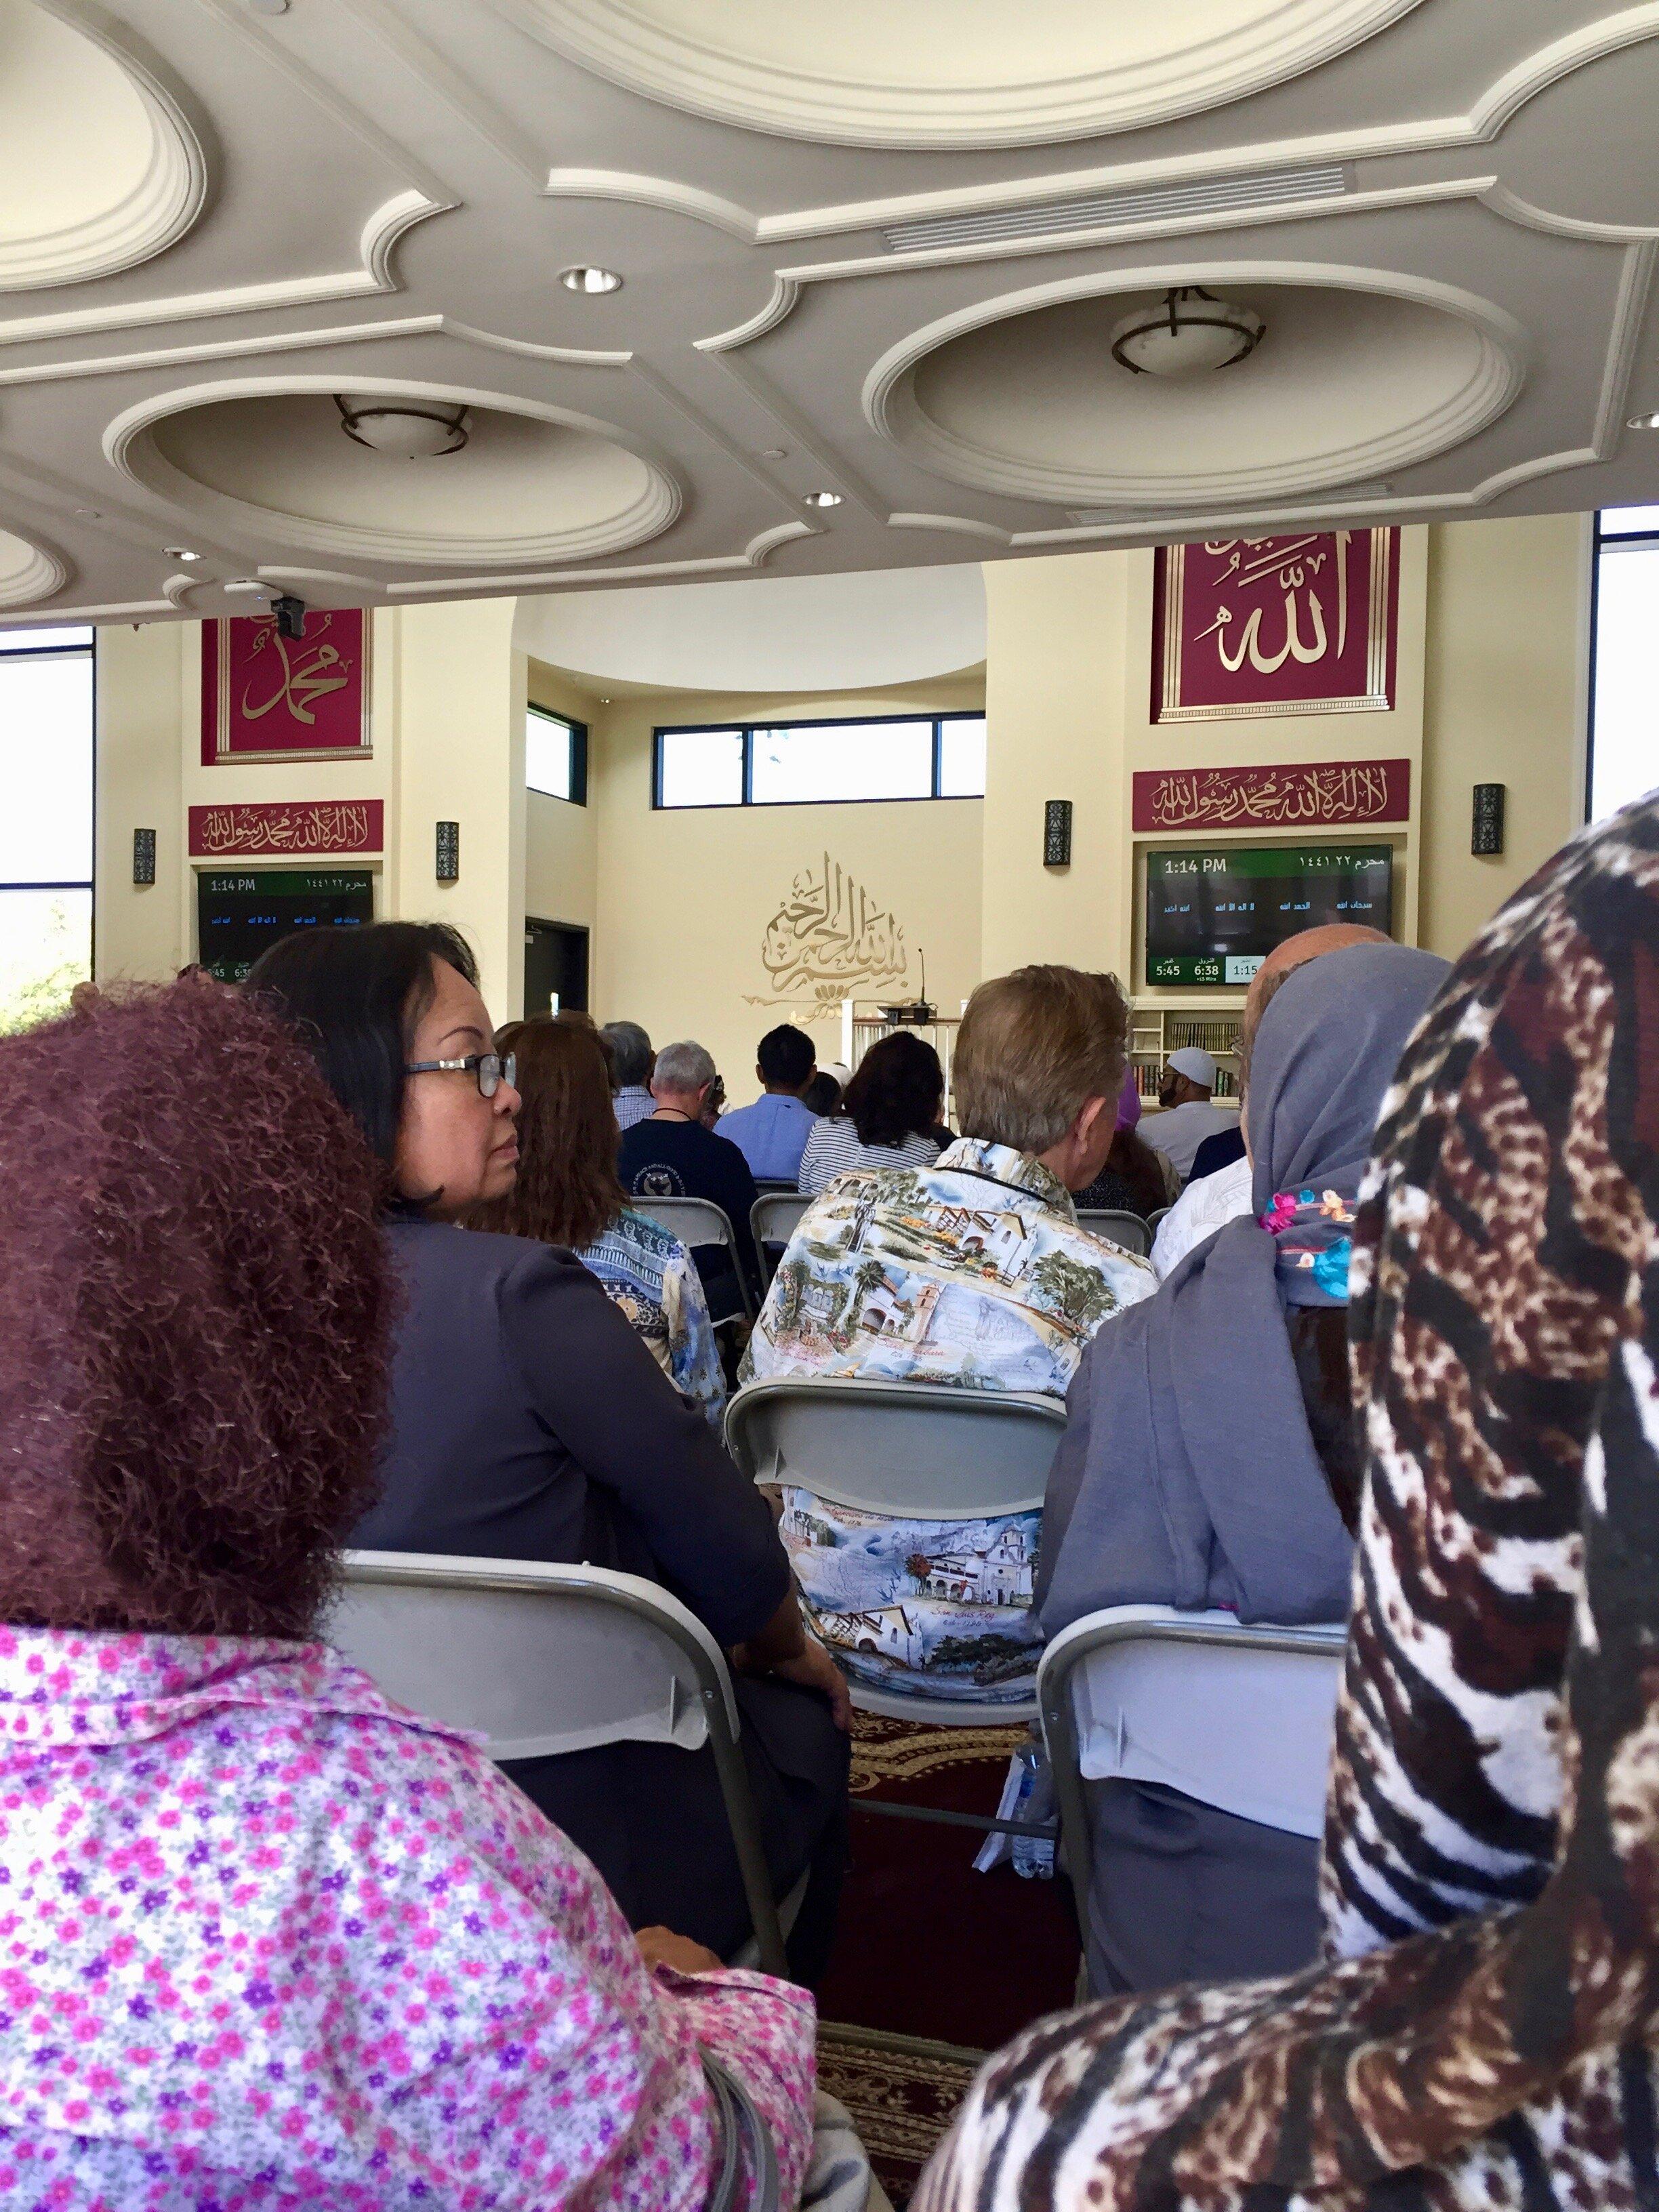 Prayer time inside Mosque.jpg